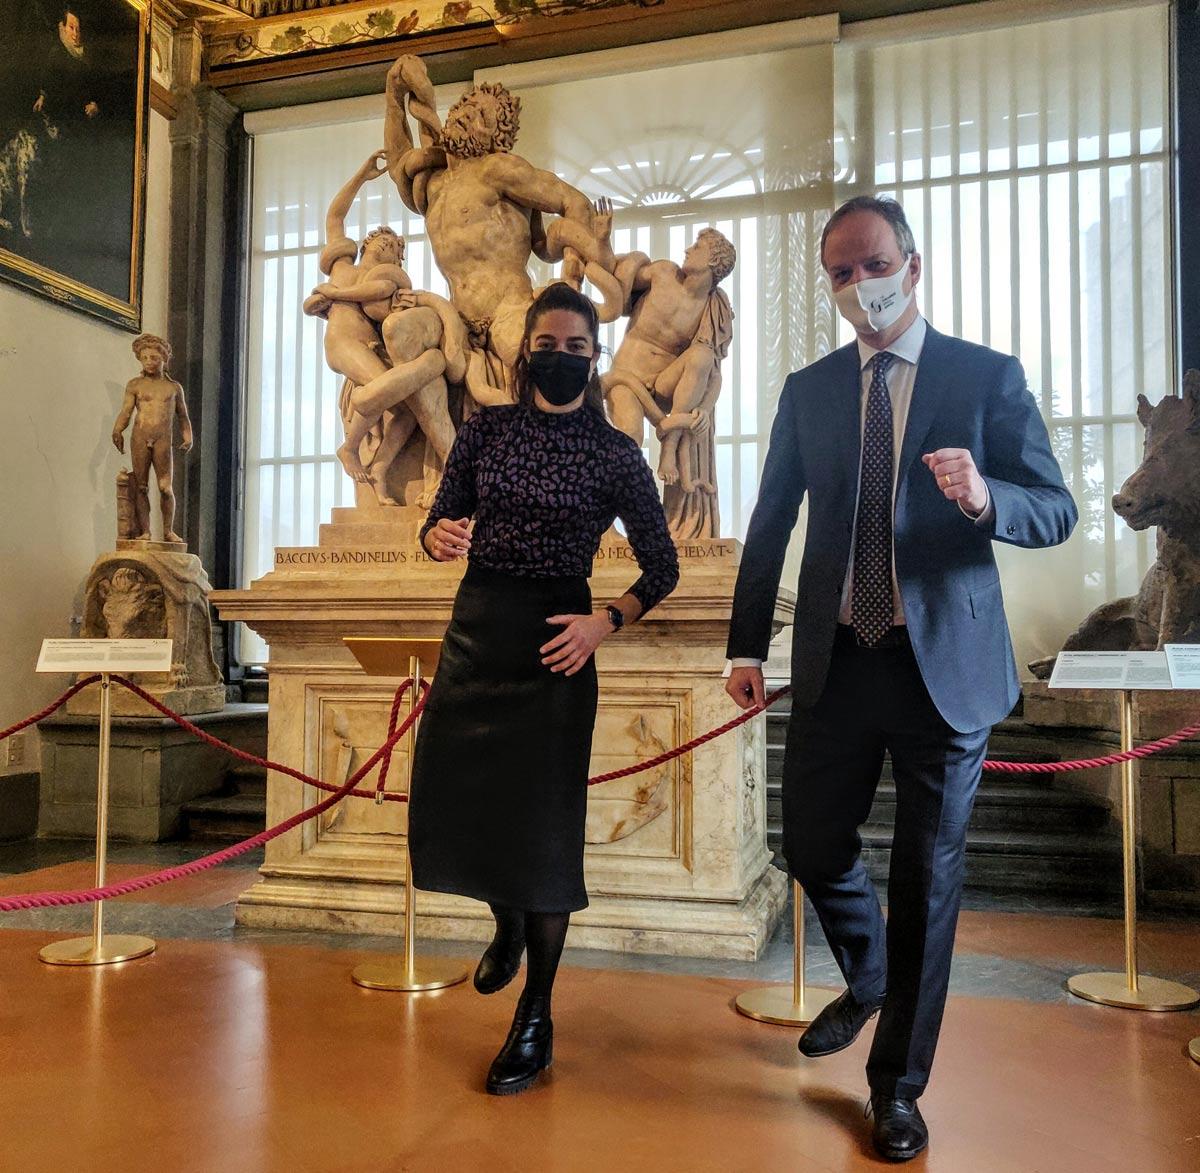 Gli Uffizi riaprono e Schmidt accoglie anche Tessel Middag, star del calcio femminile